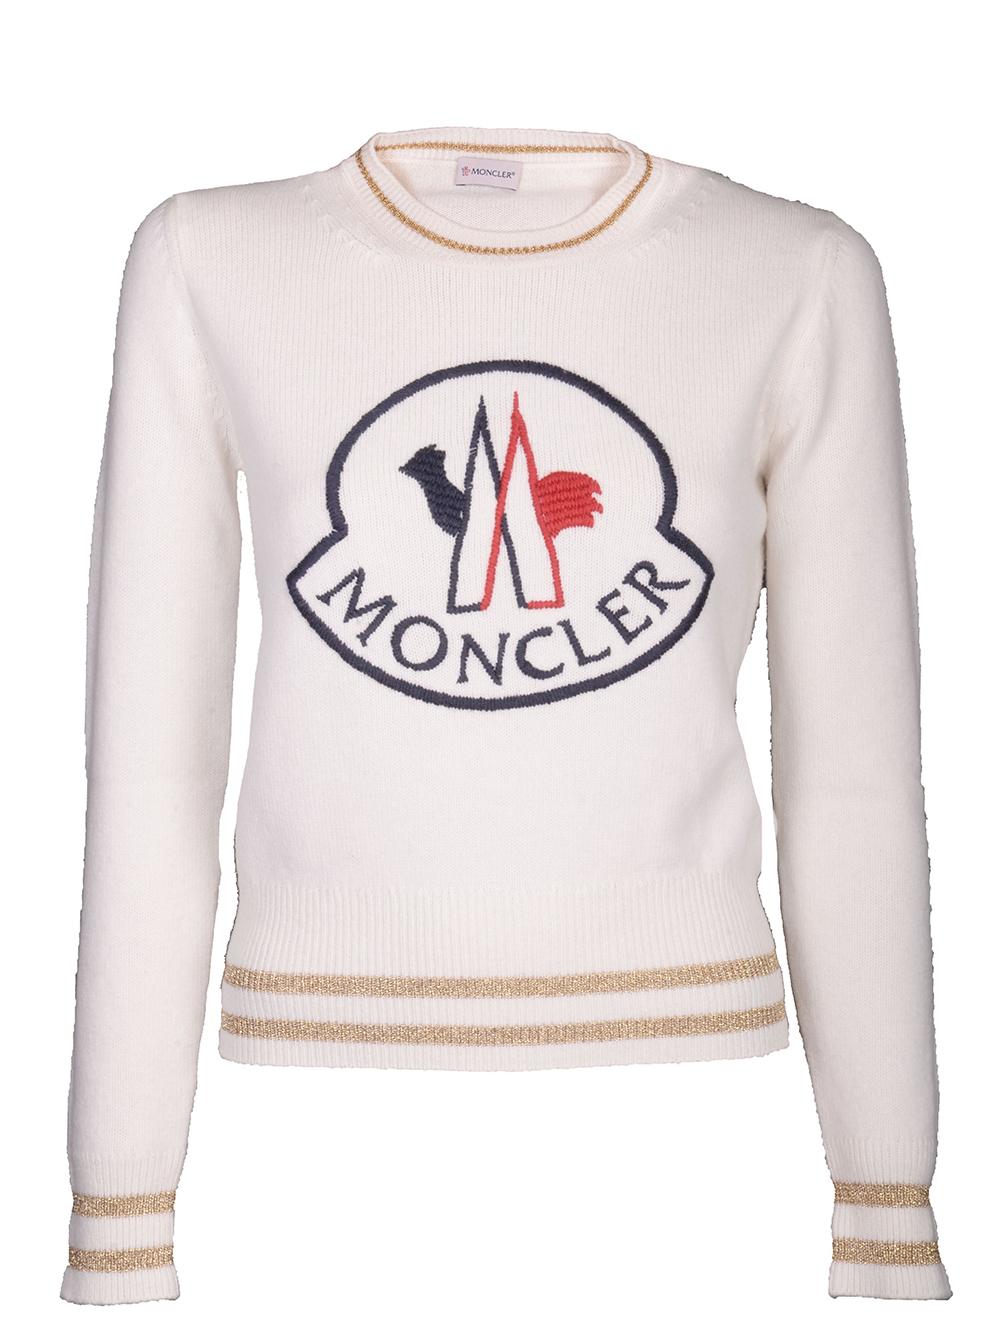 MONCLER Μπλούζα Τ-shirt E2-093-9055650 A9234 ΜΠΕΖ